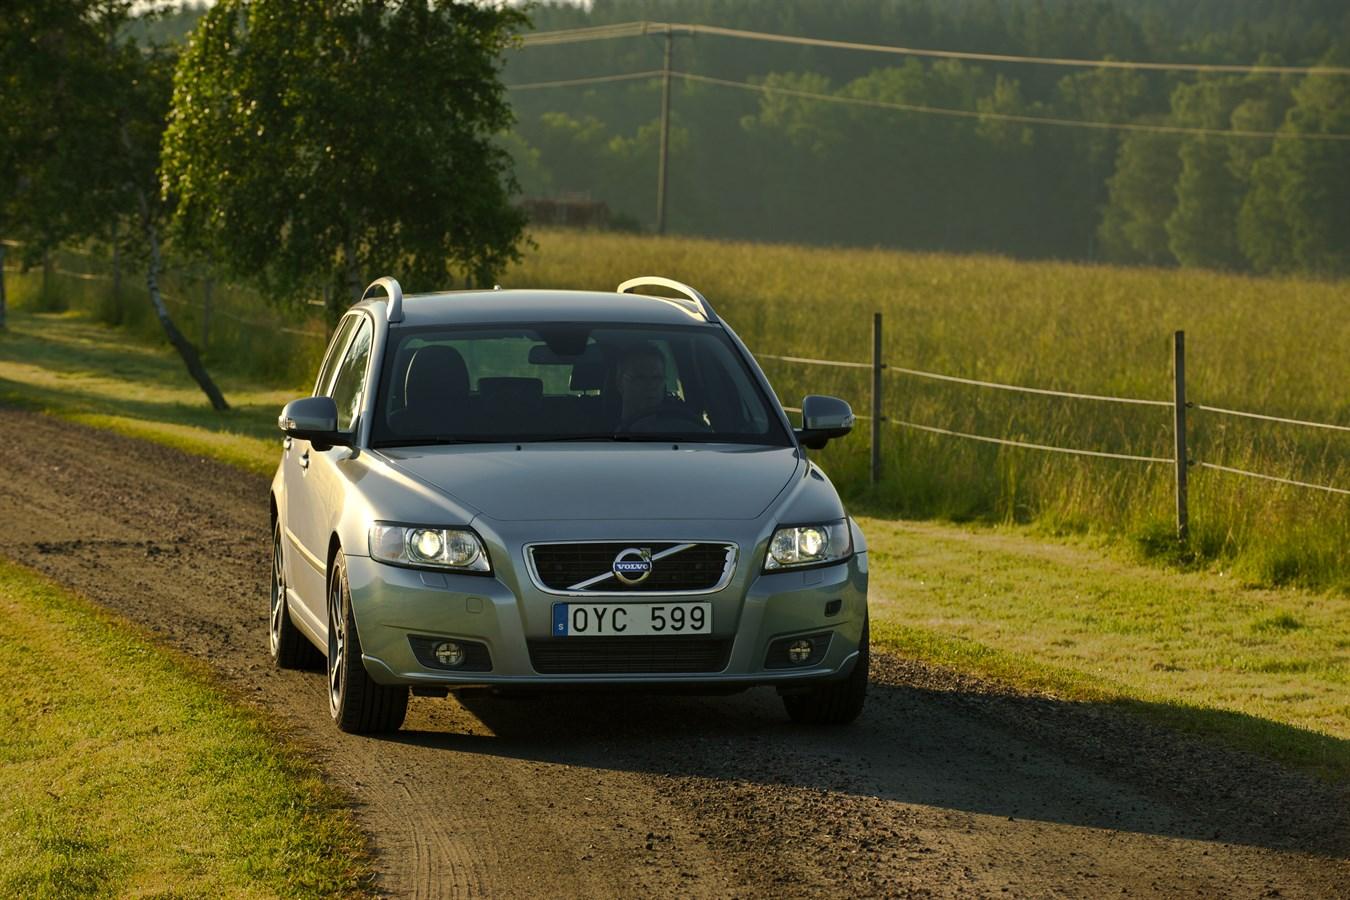 Volvo V50 - model year 2012 - Volvo Cars Global Media Newsroom